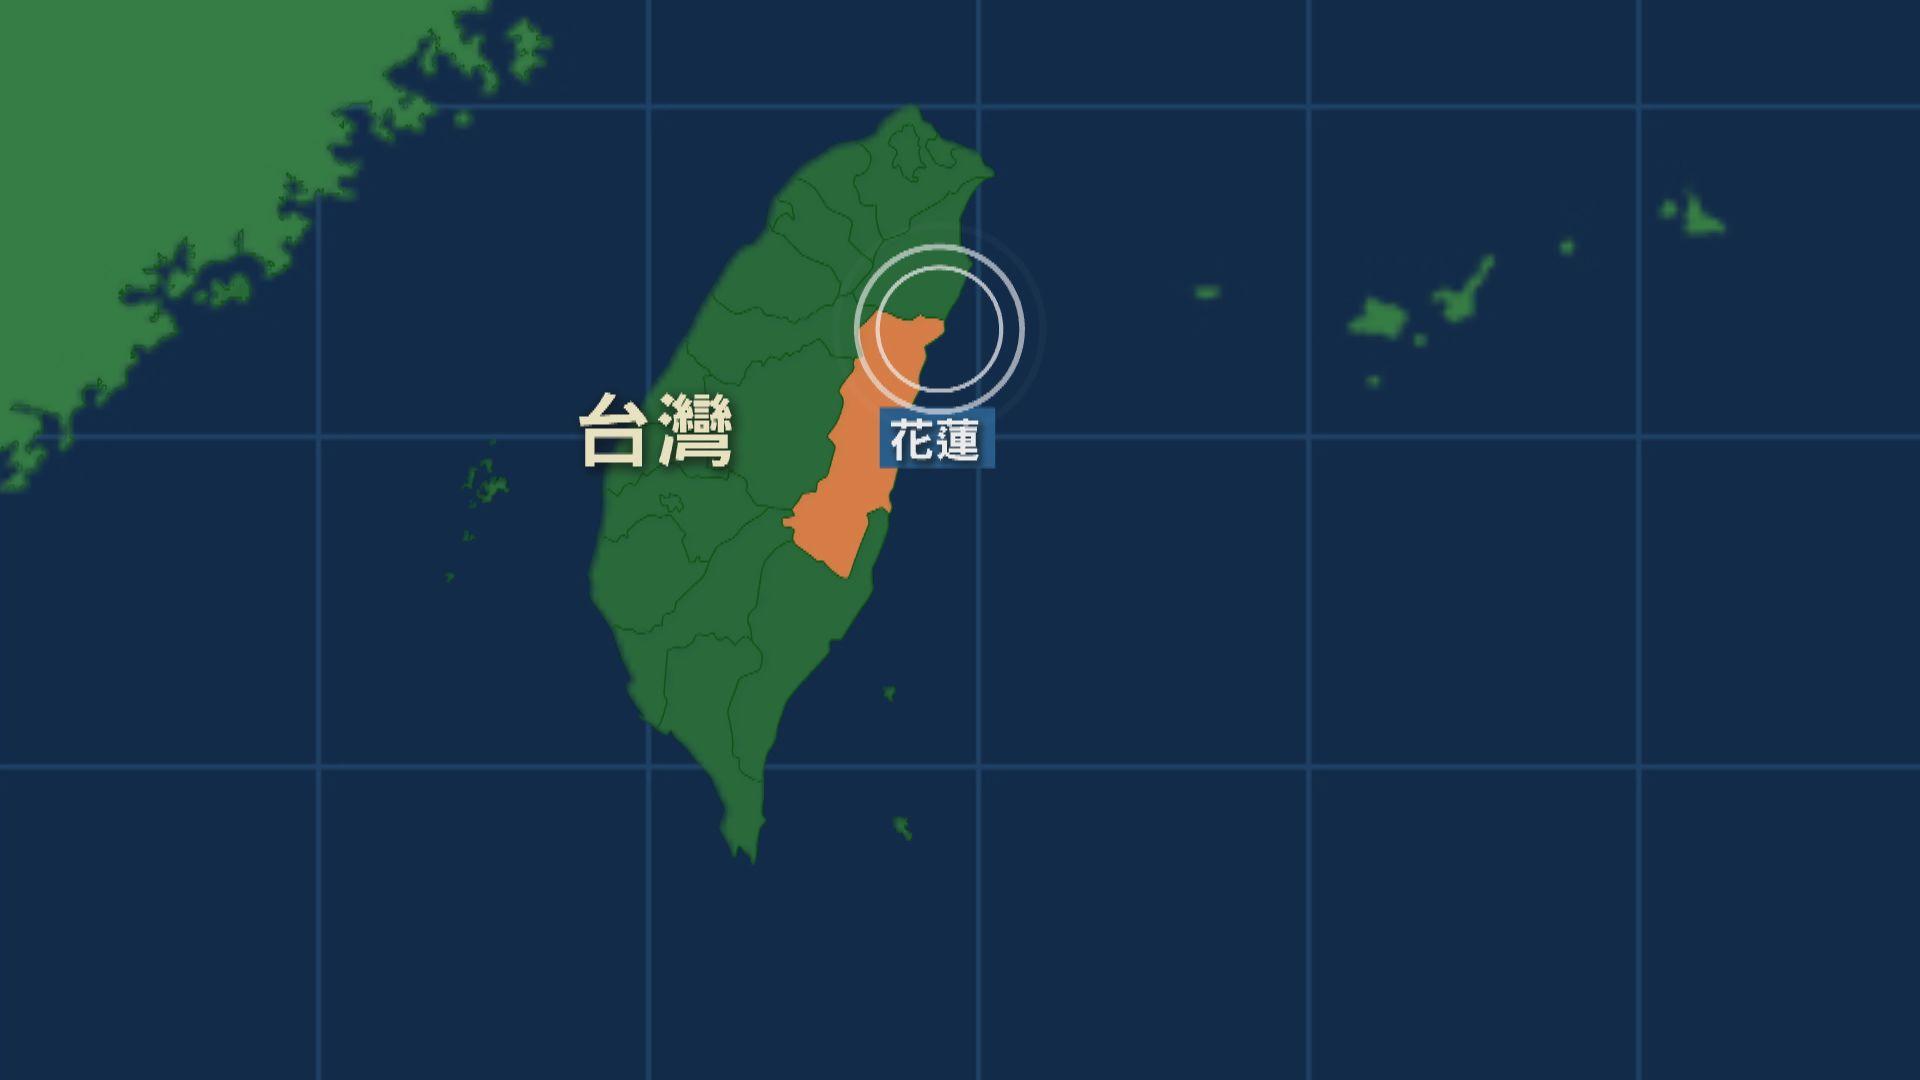 台灣花蓮發生5.7級地震